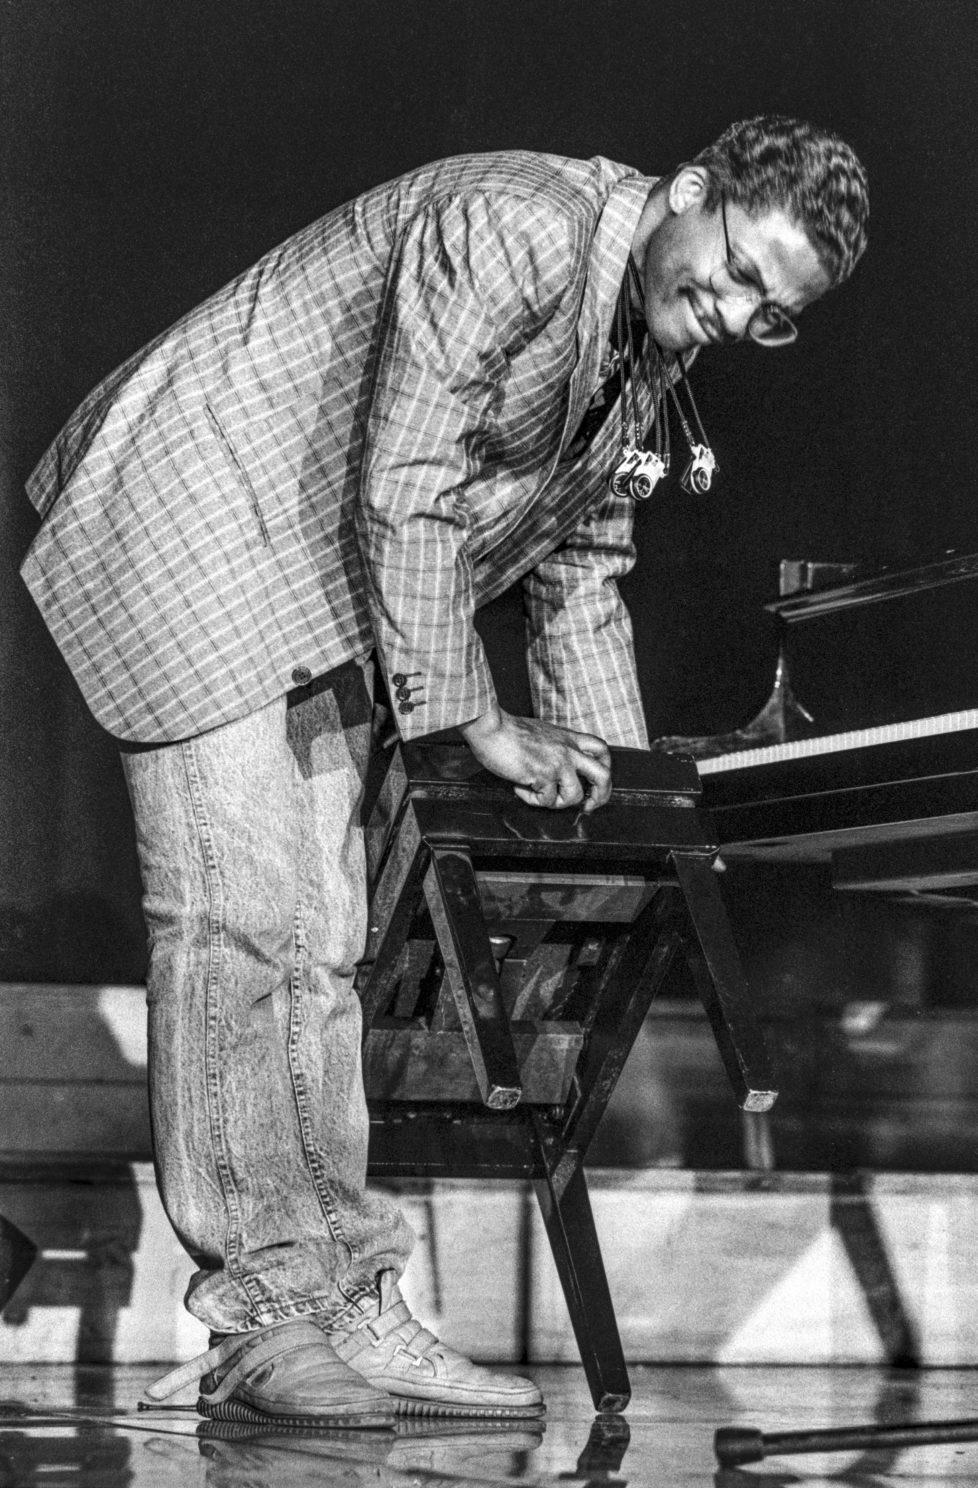 The jazz musician Herbie Hancock performs at the Montreux Jazz Festival in Switzerland on July 2, 1987. (KEYSTONE/Str) Der Jazz-Musiker Herbie Hancock spielt am Jazzfestival Montreux, aufgenommen am 2. Juli 1987. (KEYSTONE/Str)